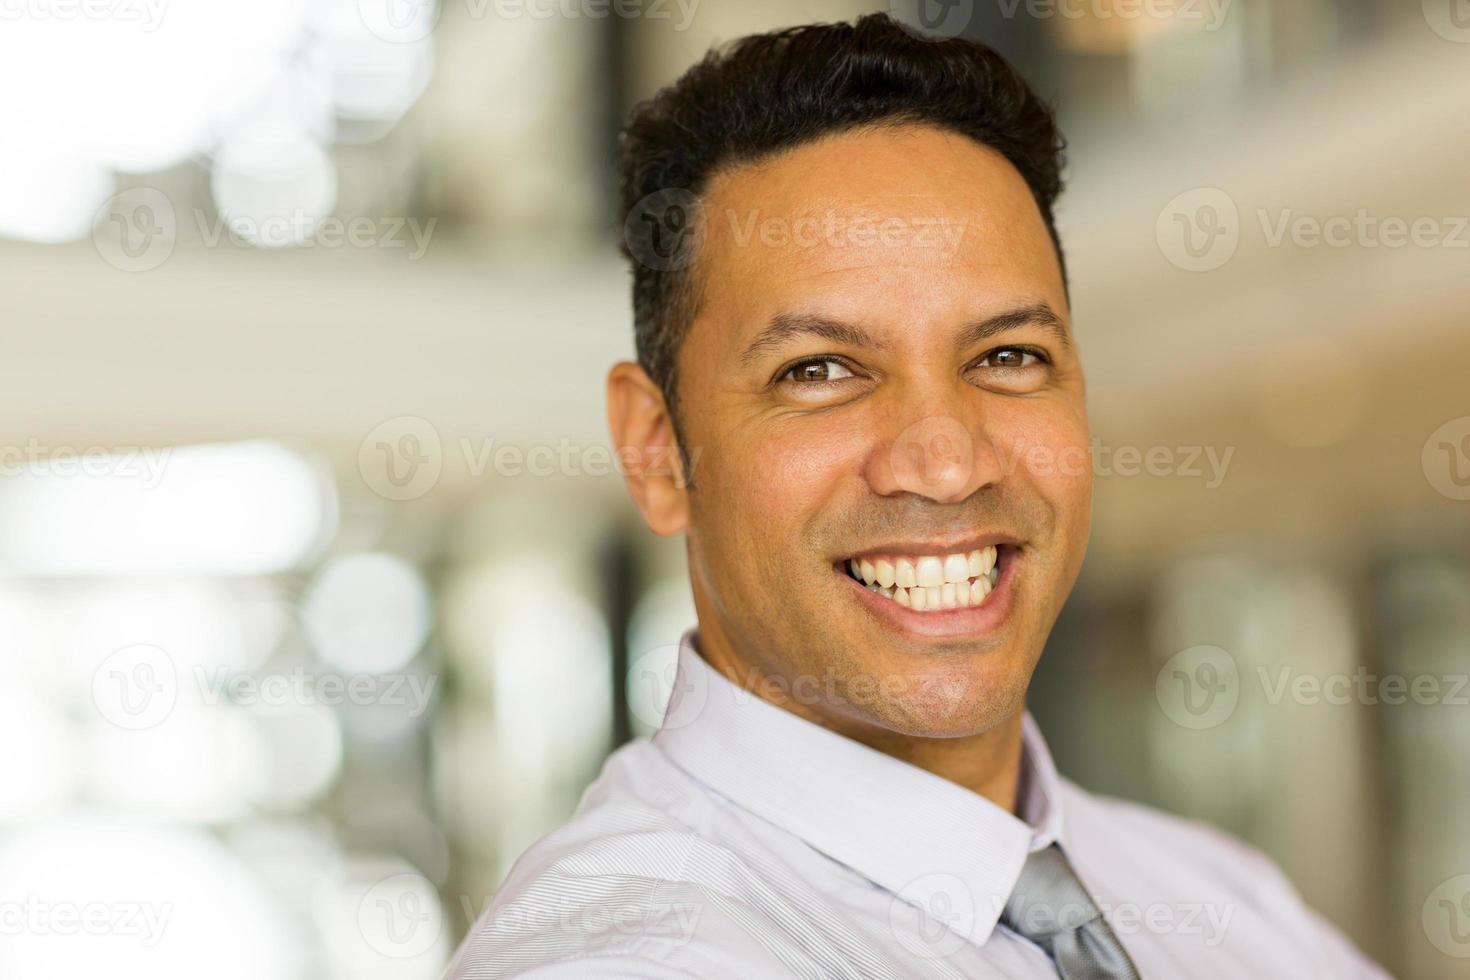 männlicher Firmenangestellter nah foto